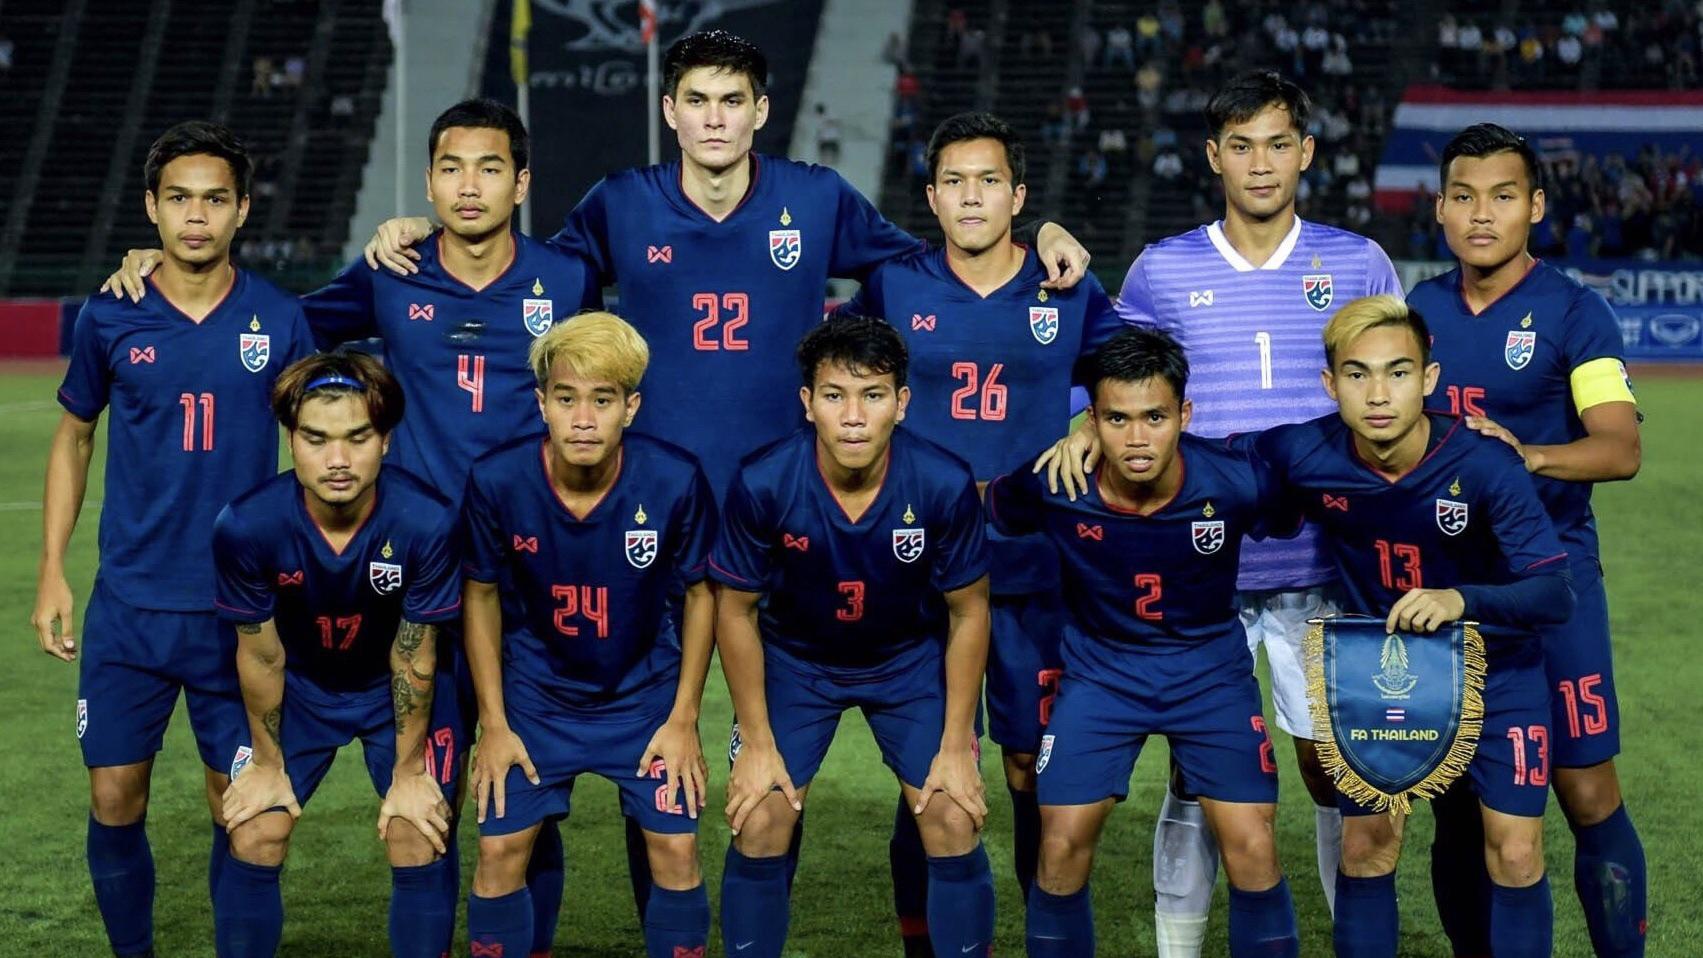 ชิงแชมป์เอเชีย รอบคัดเลือก ทีมชาติไทย U23 อเล็กซานเดร กามา